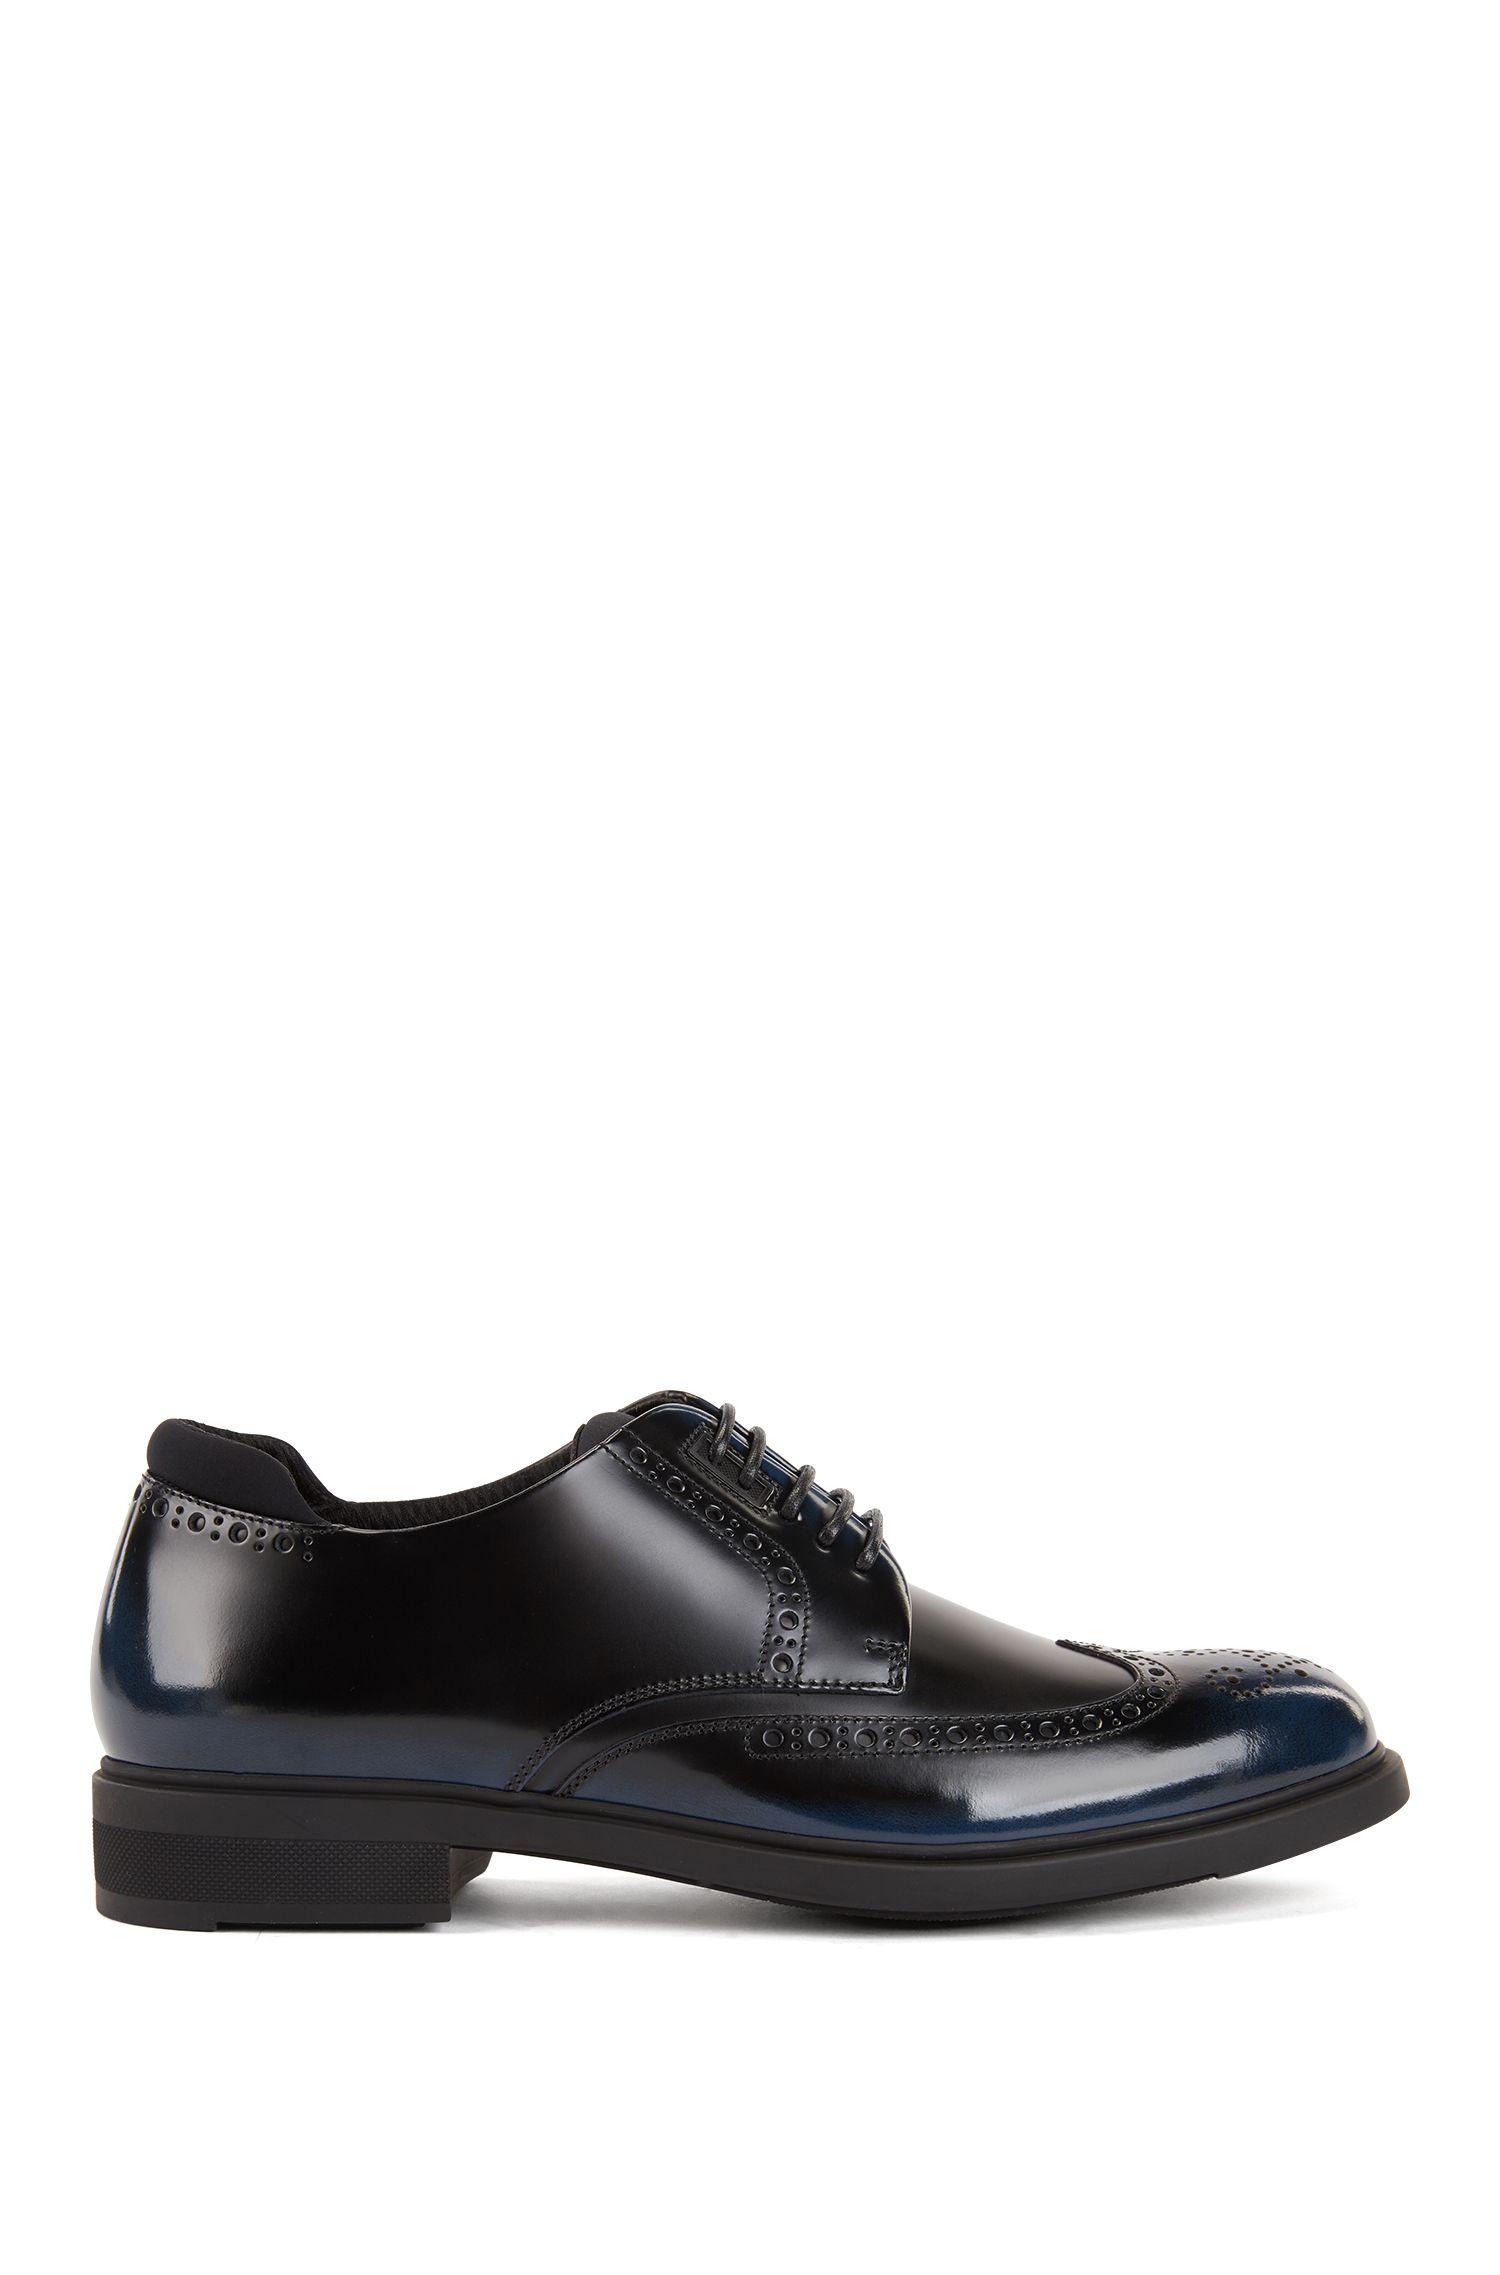 Chaussures derby en cuir à doublure Outlast®